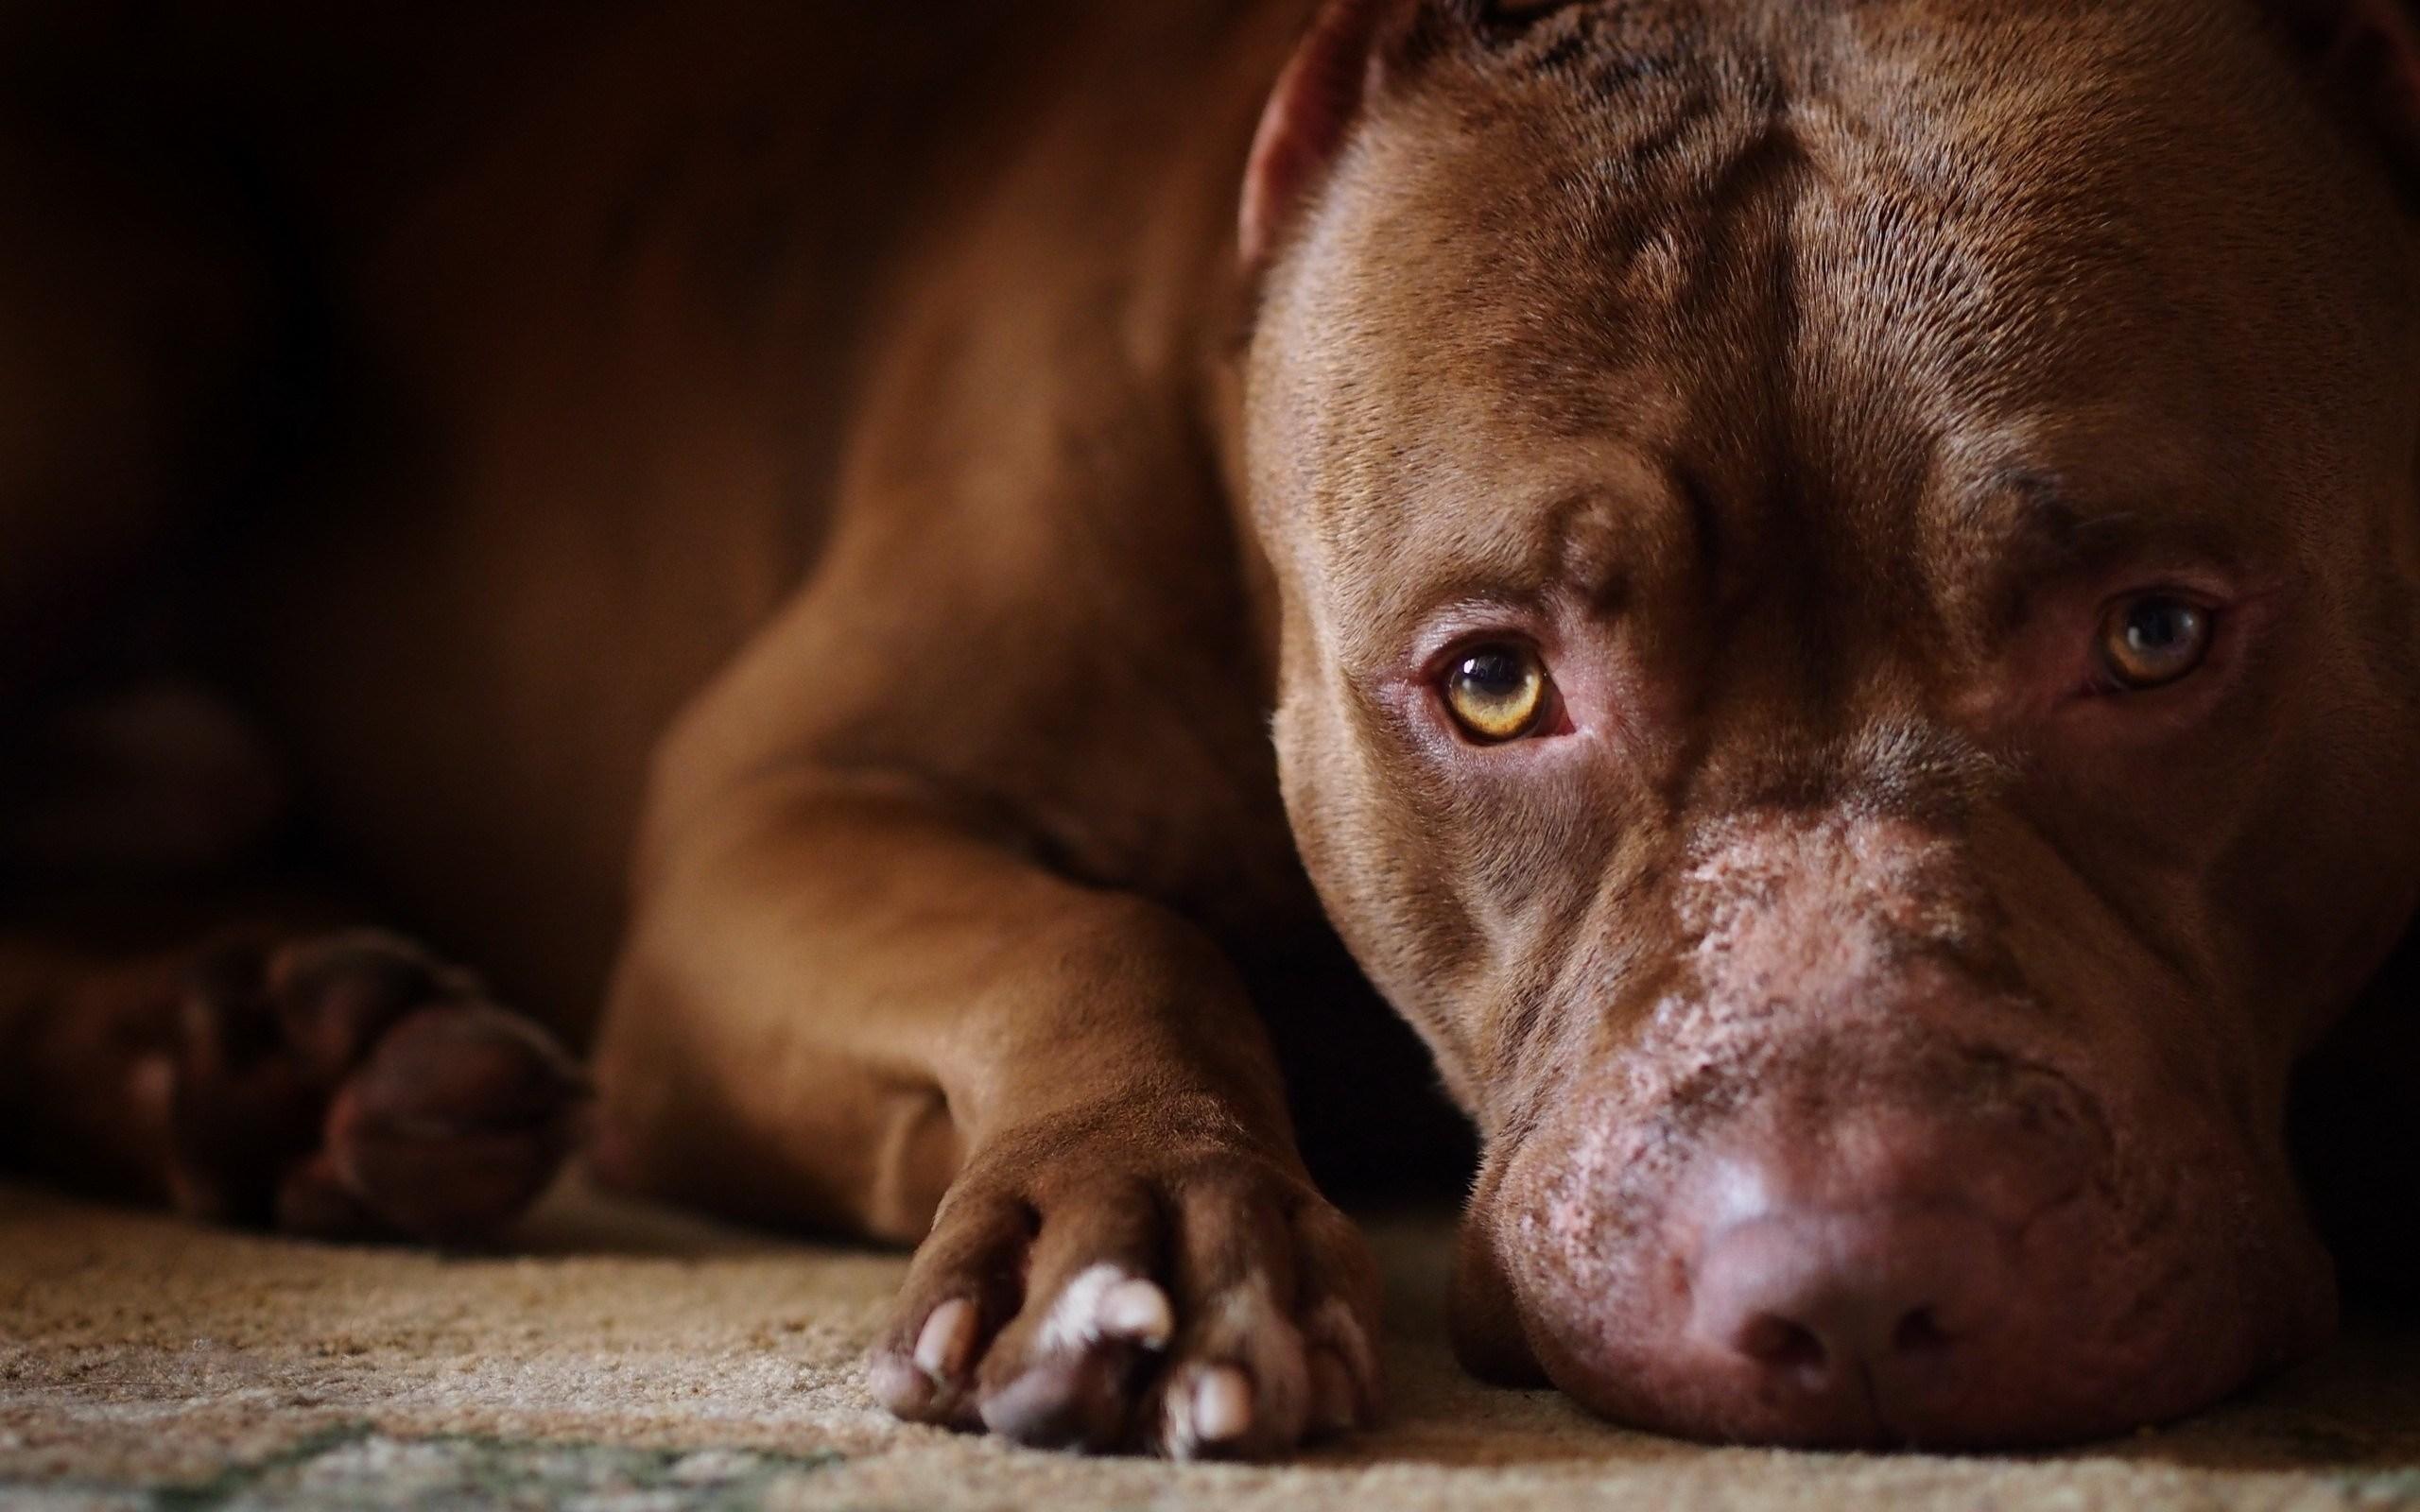 sweet dog close up